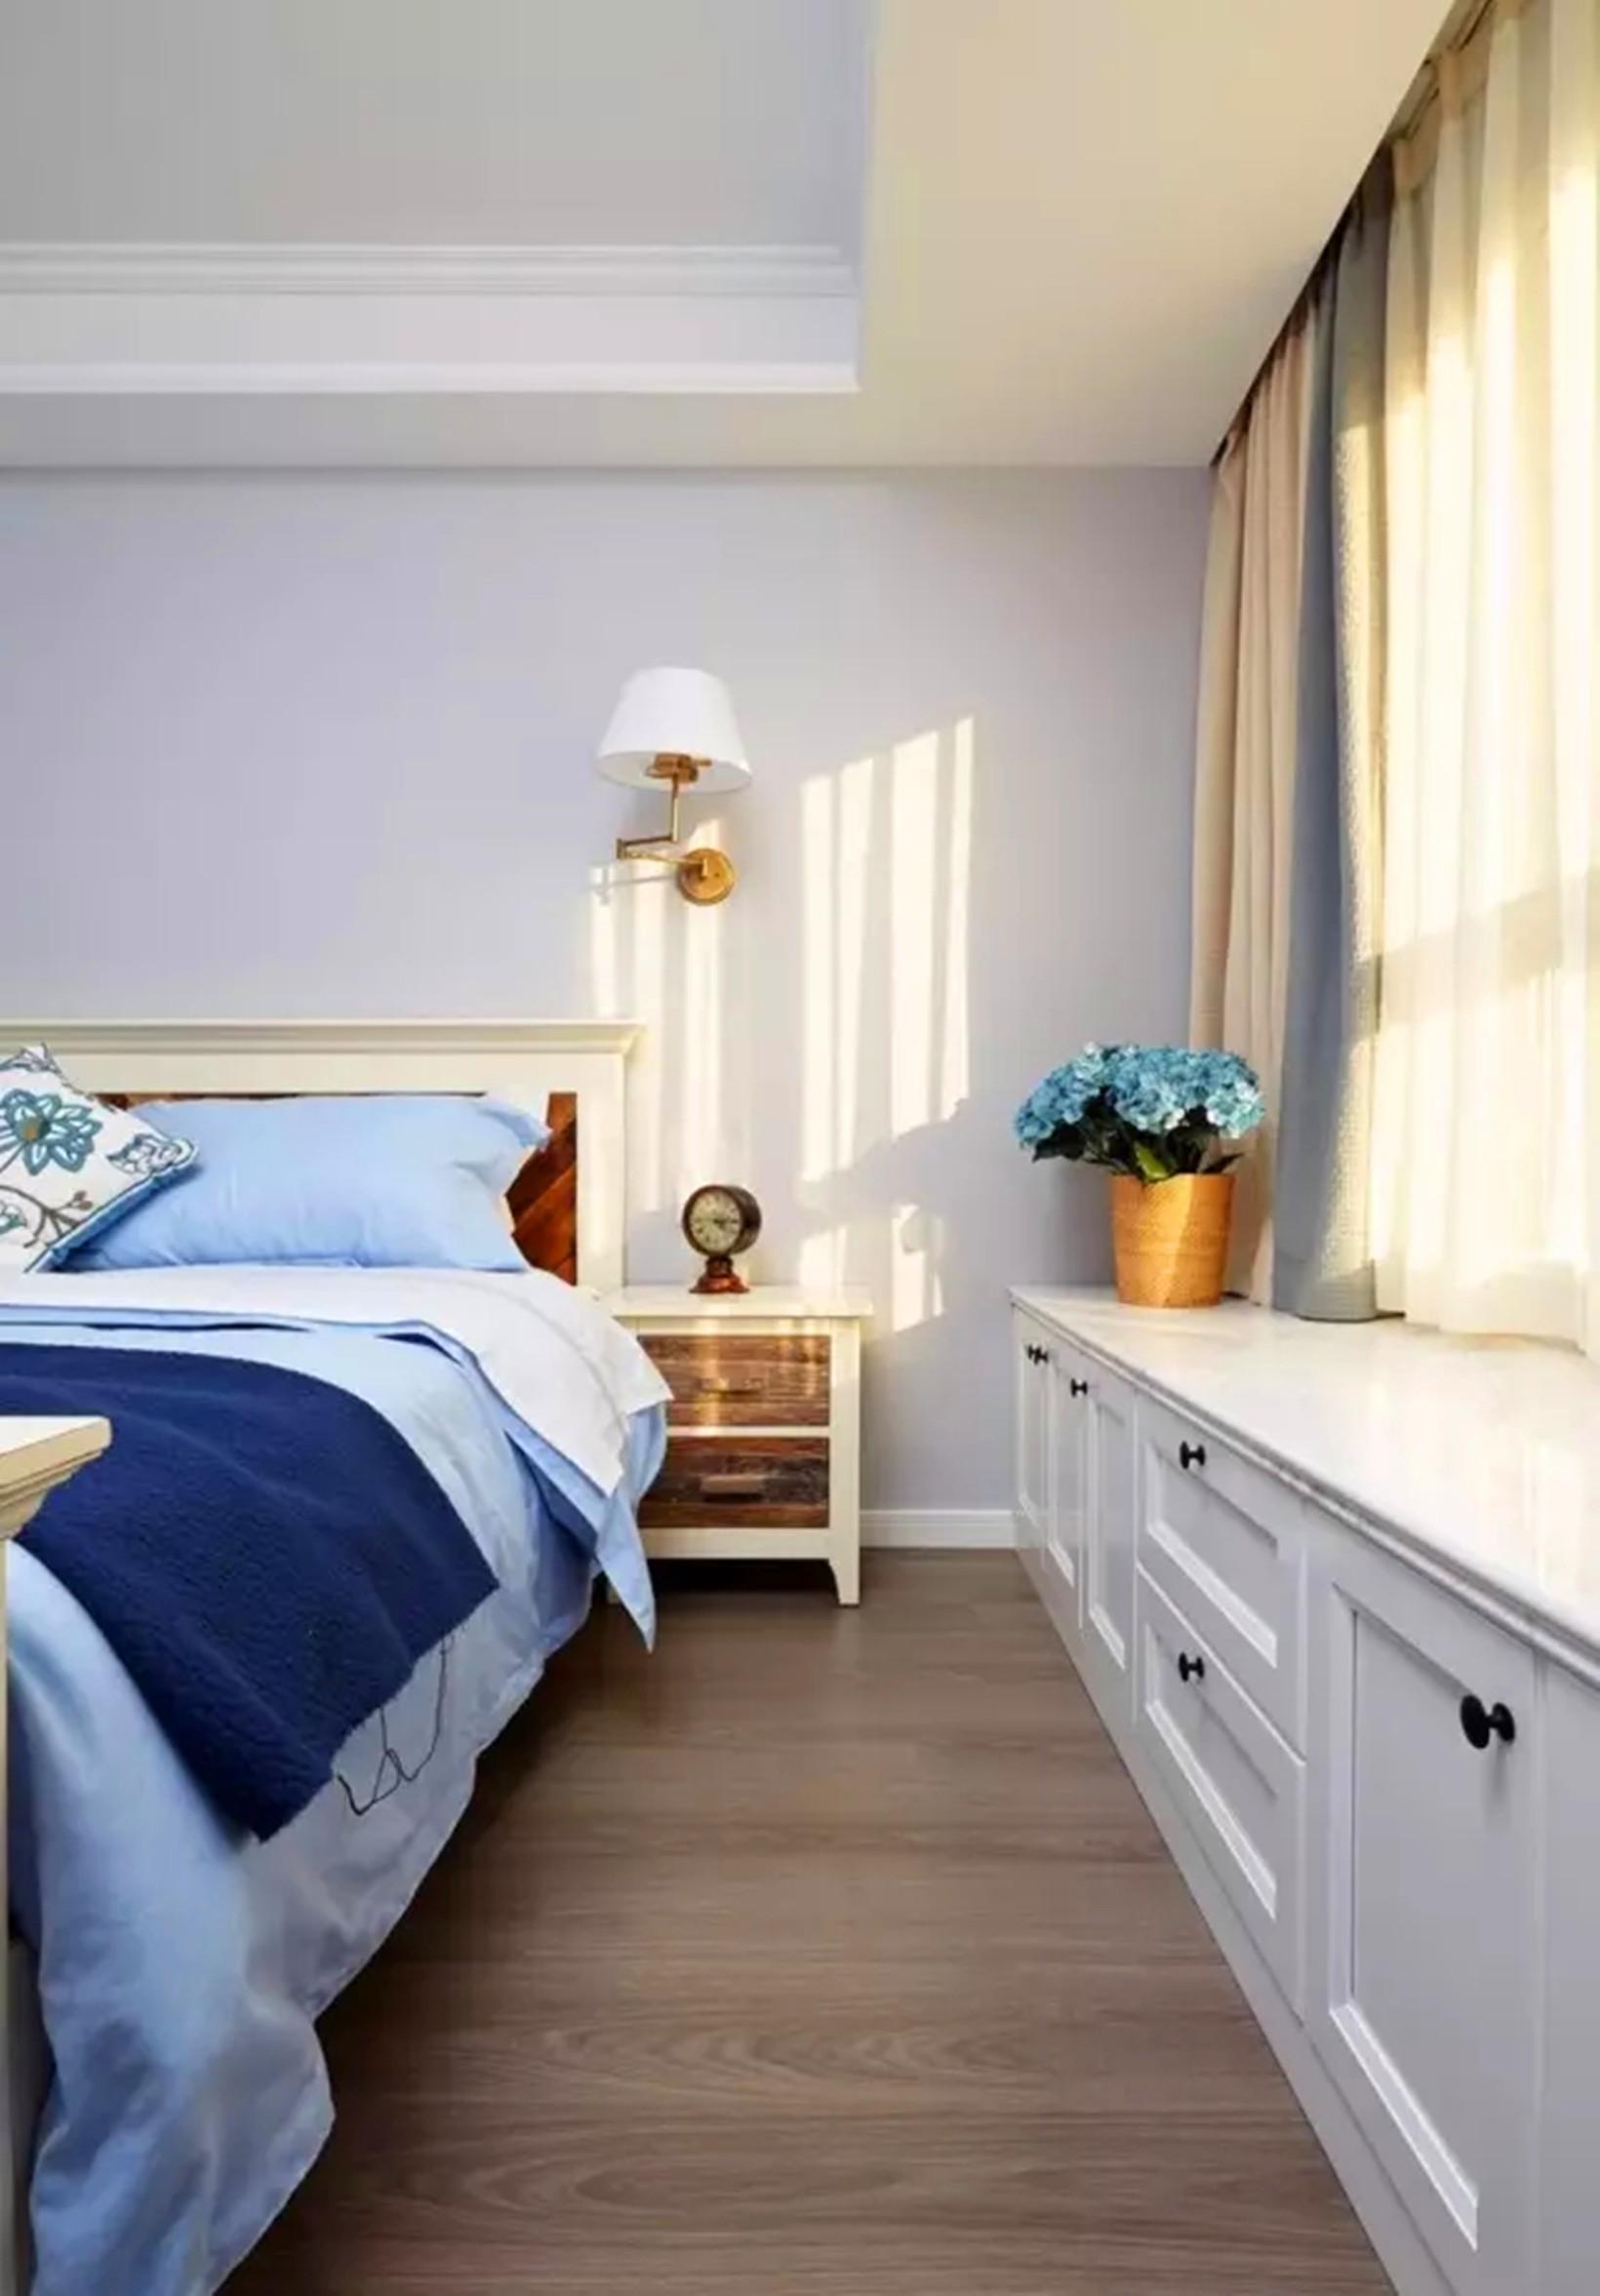 简约 美式 四居 清新 实用 卧室图片来自高度国际装饰宋增会在东辰小区 133平米简约美式的分享